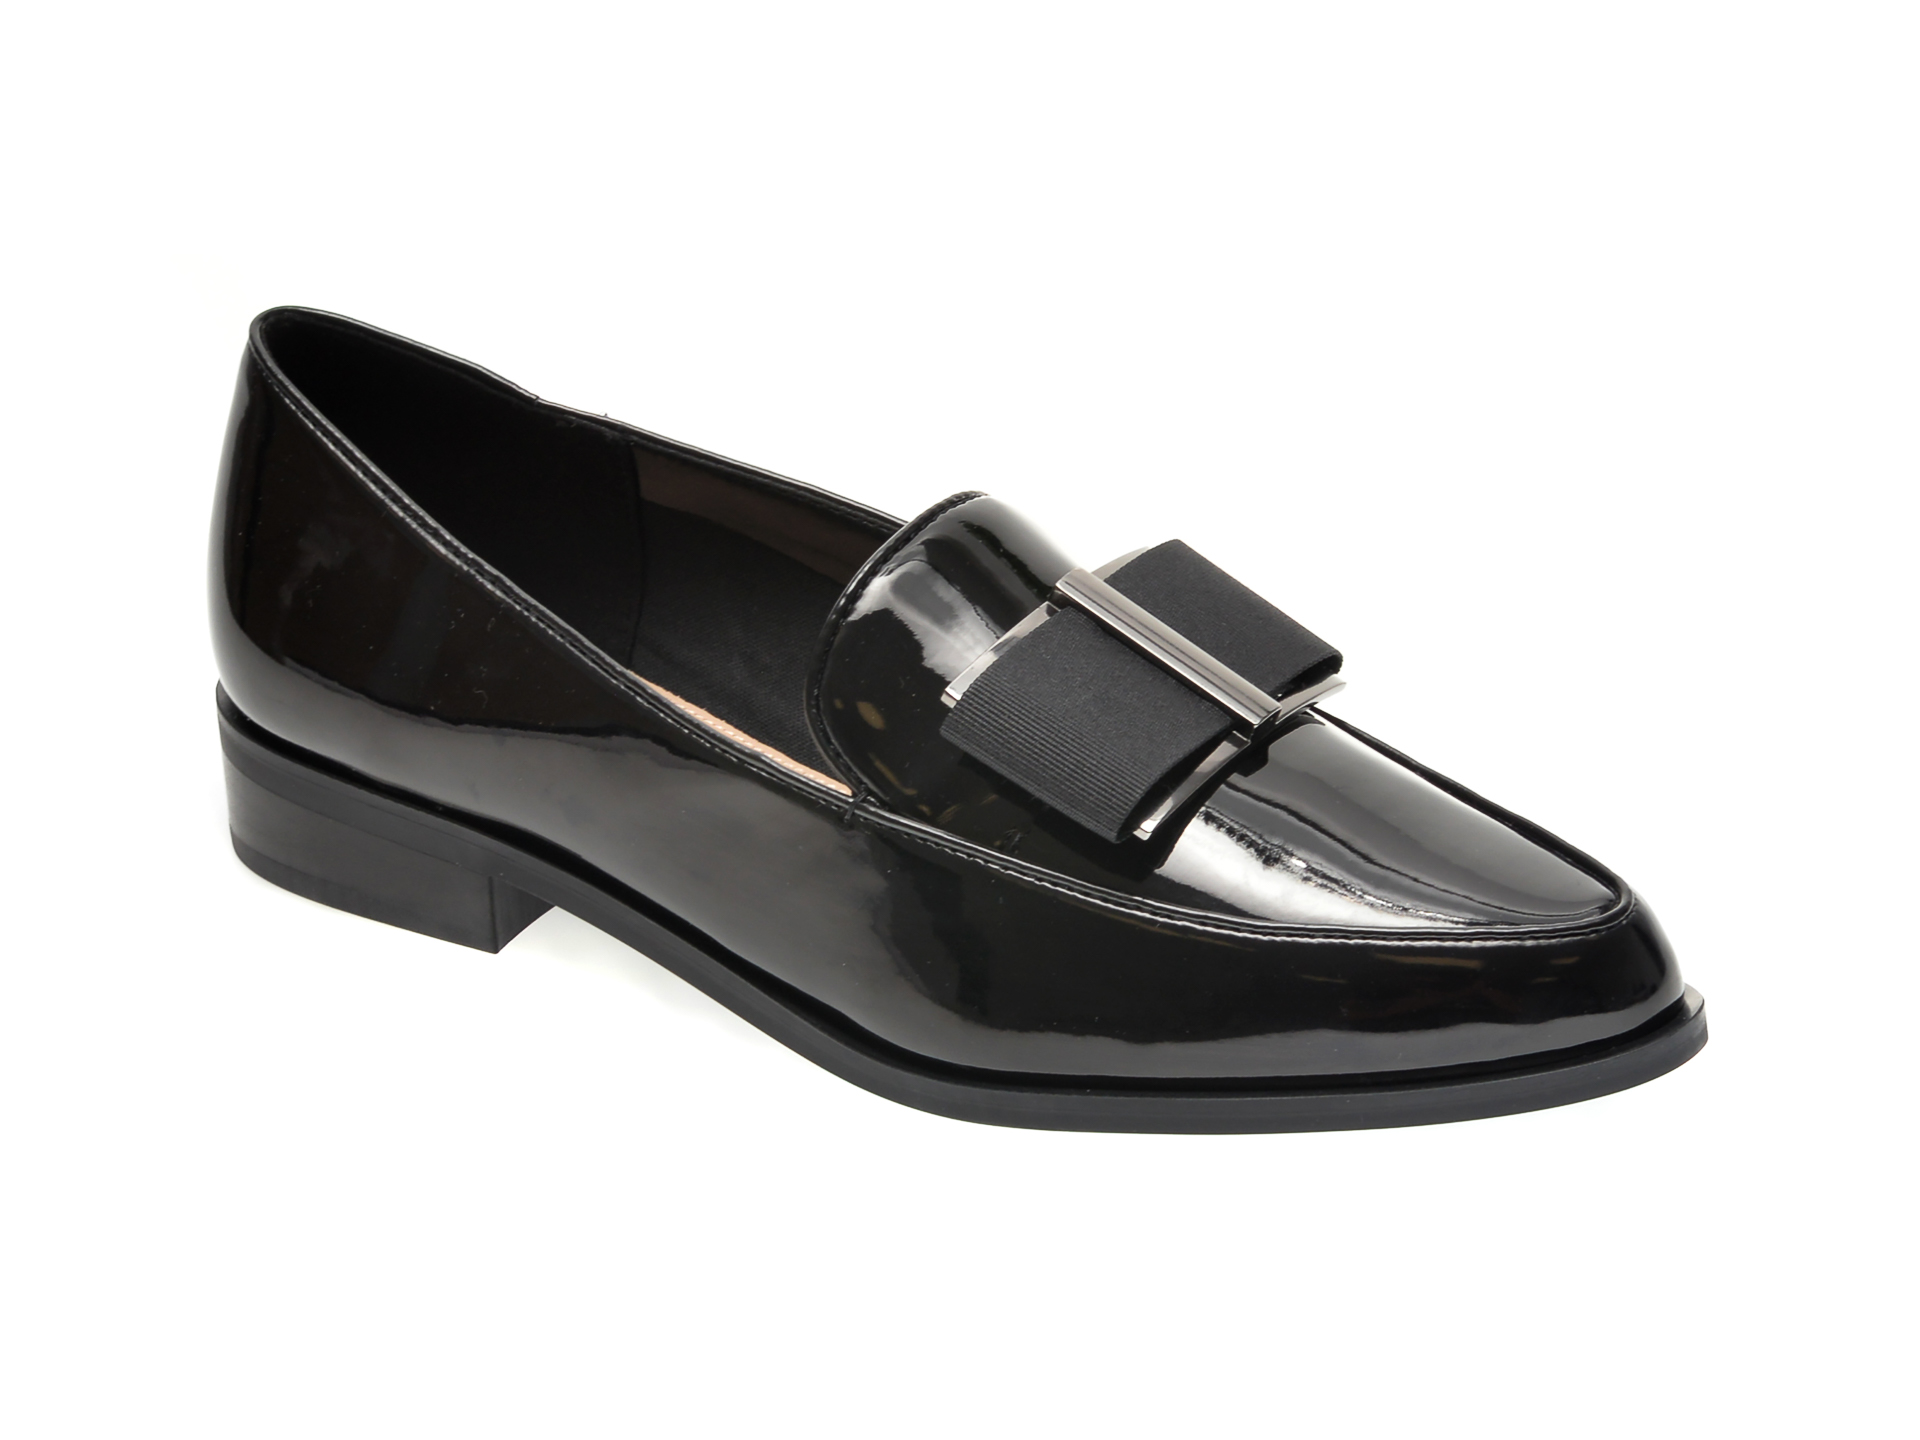 Pantofi ALDO negri, Colette009, din piele ecologica imagine